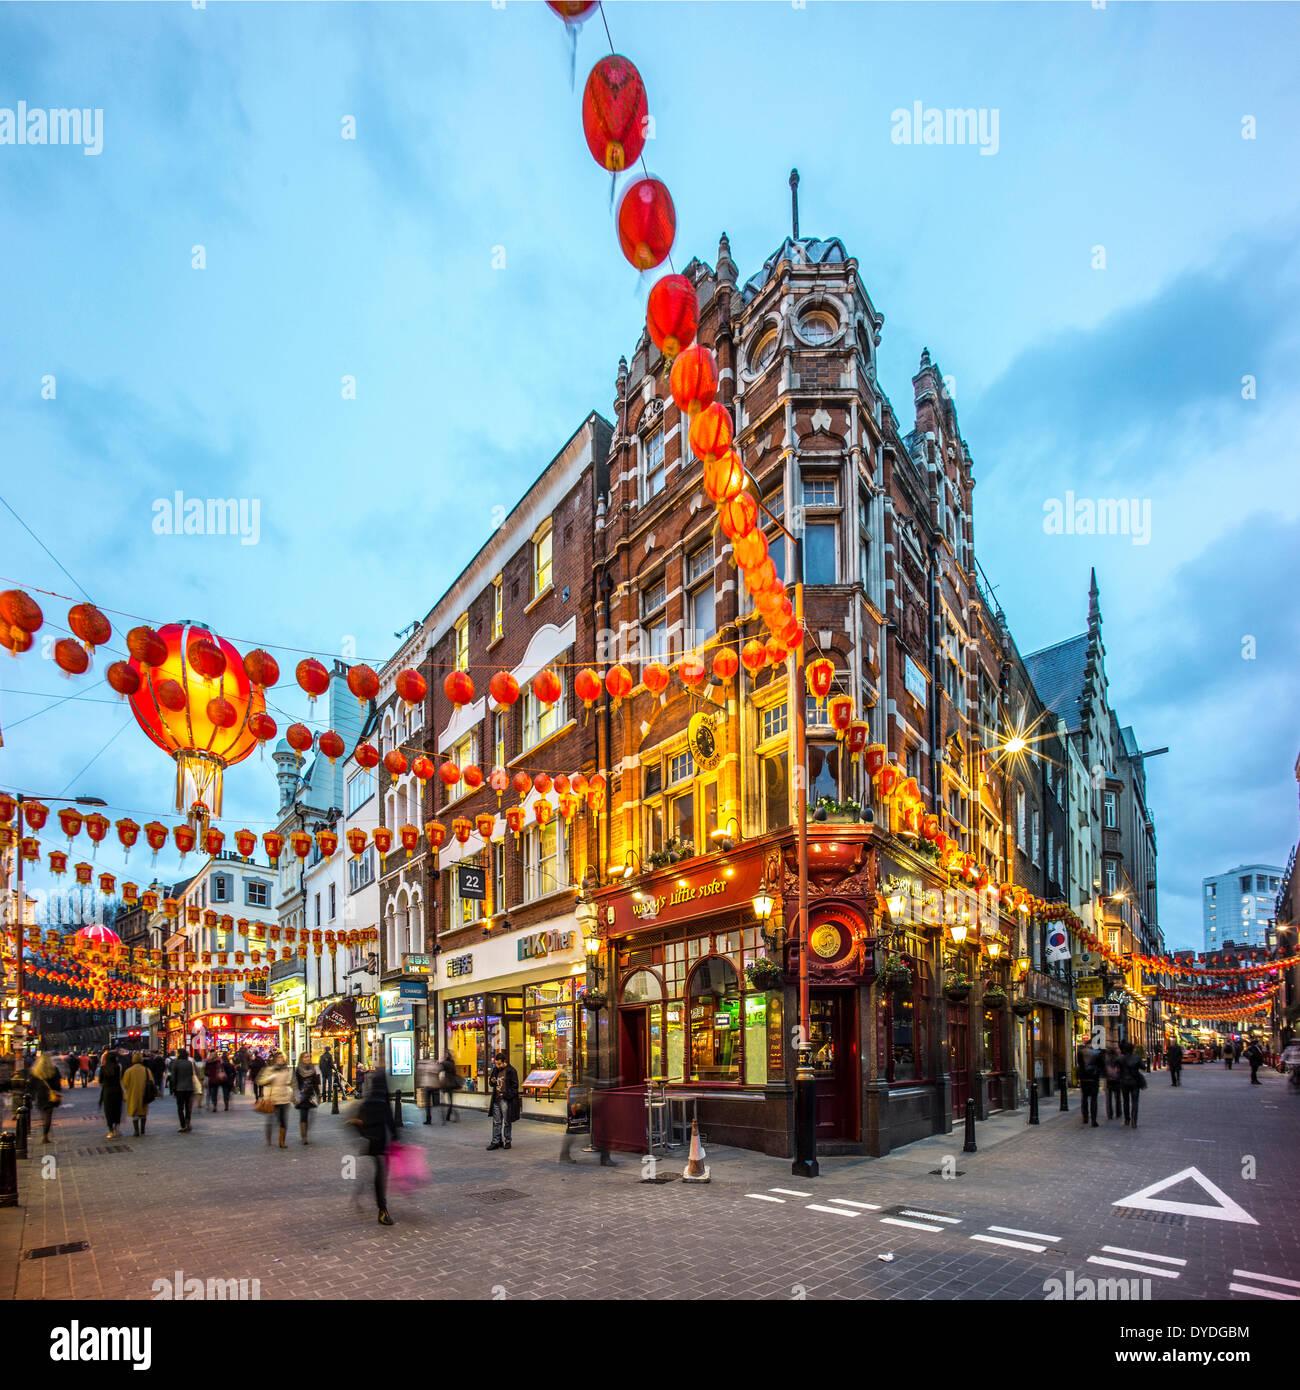 Decoraciones para el Año Nuevo Chino en Wardour Street en Londres al anochecer. Imagen De Stock